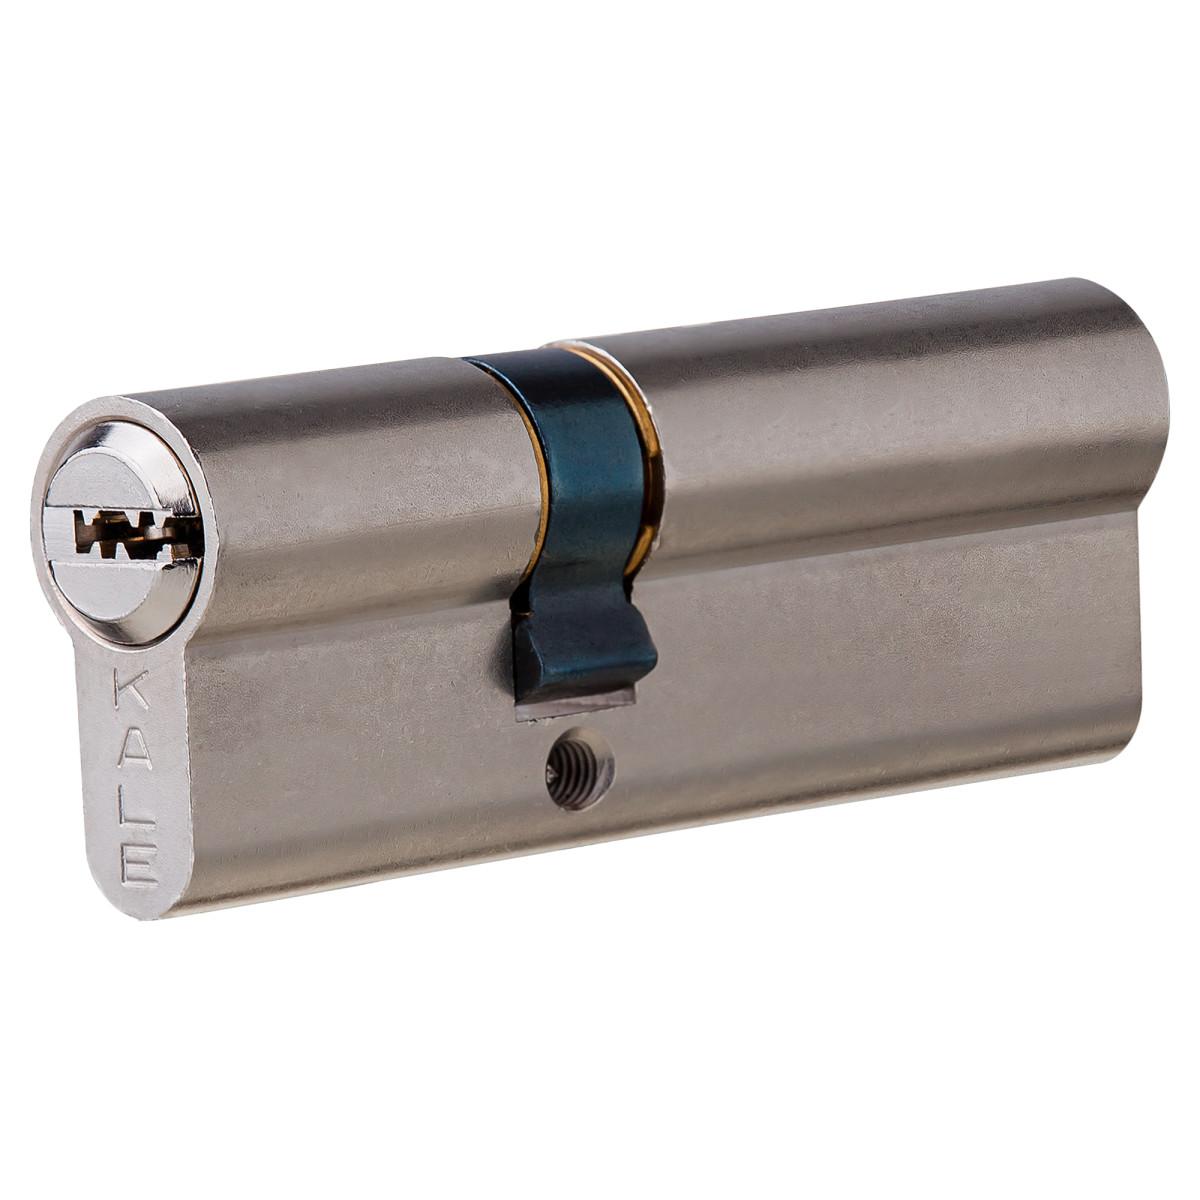 Цилиндр Kale 164SN-90-NP ключ/ключ цвет никель